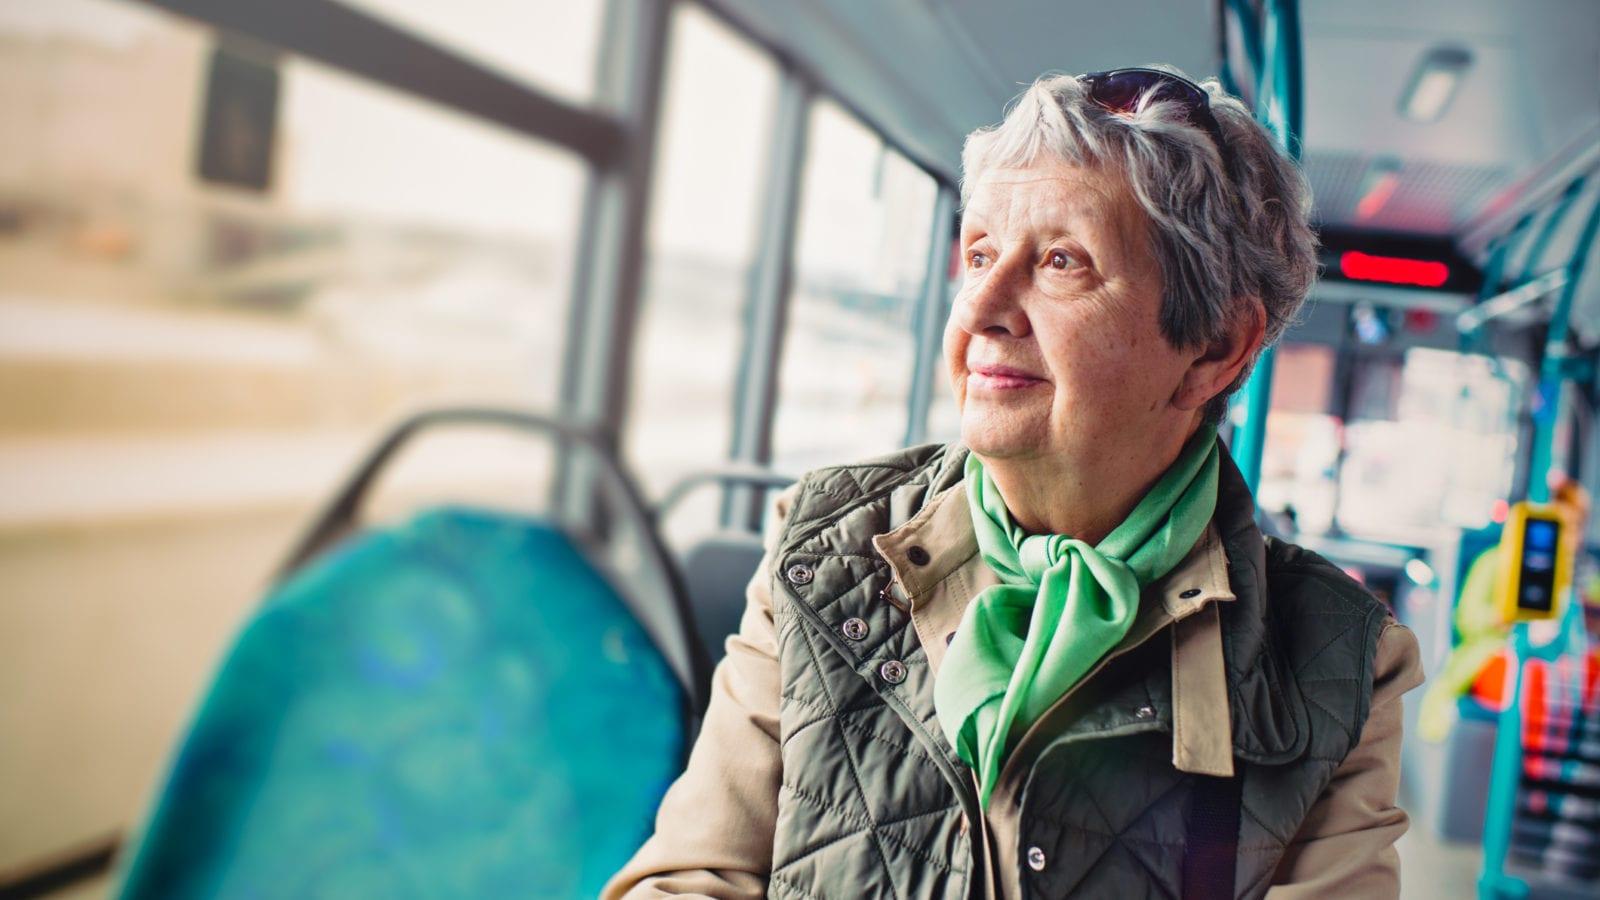 Senior Woman On The Bus Stock Photo